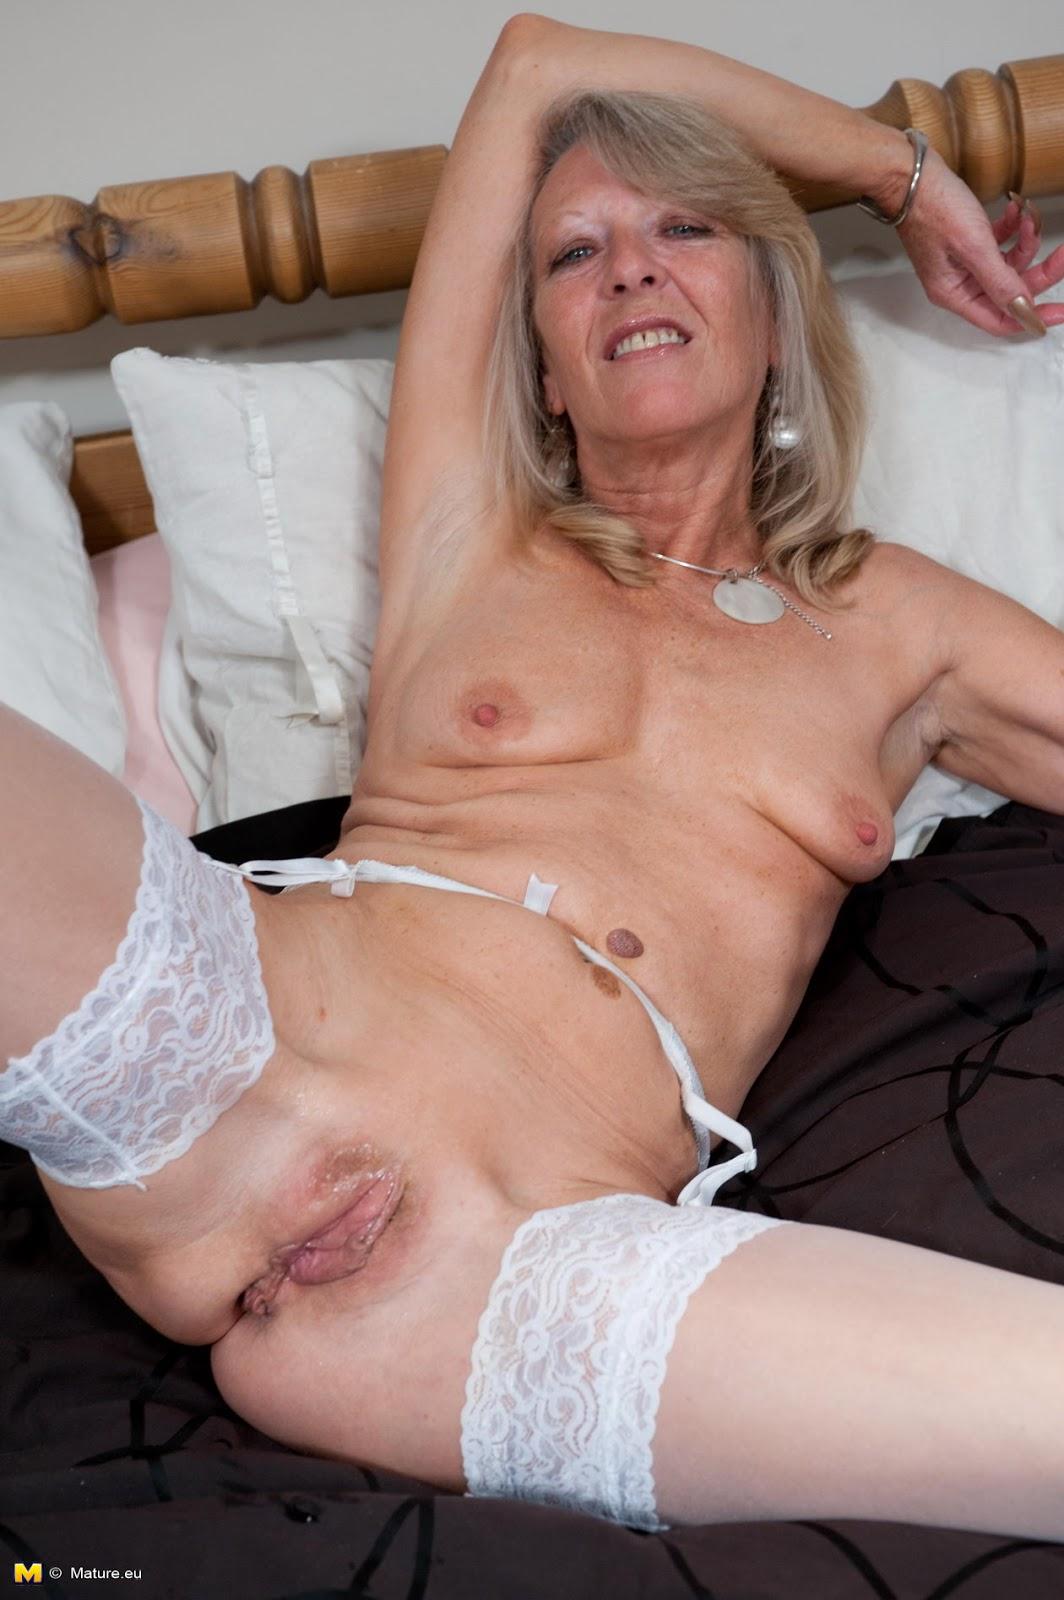 Apologise, but, nude women of gma strange Many